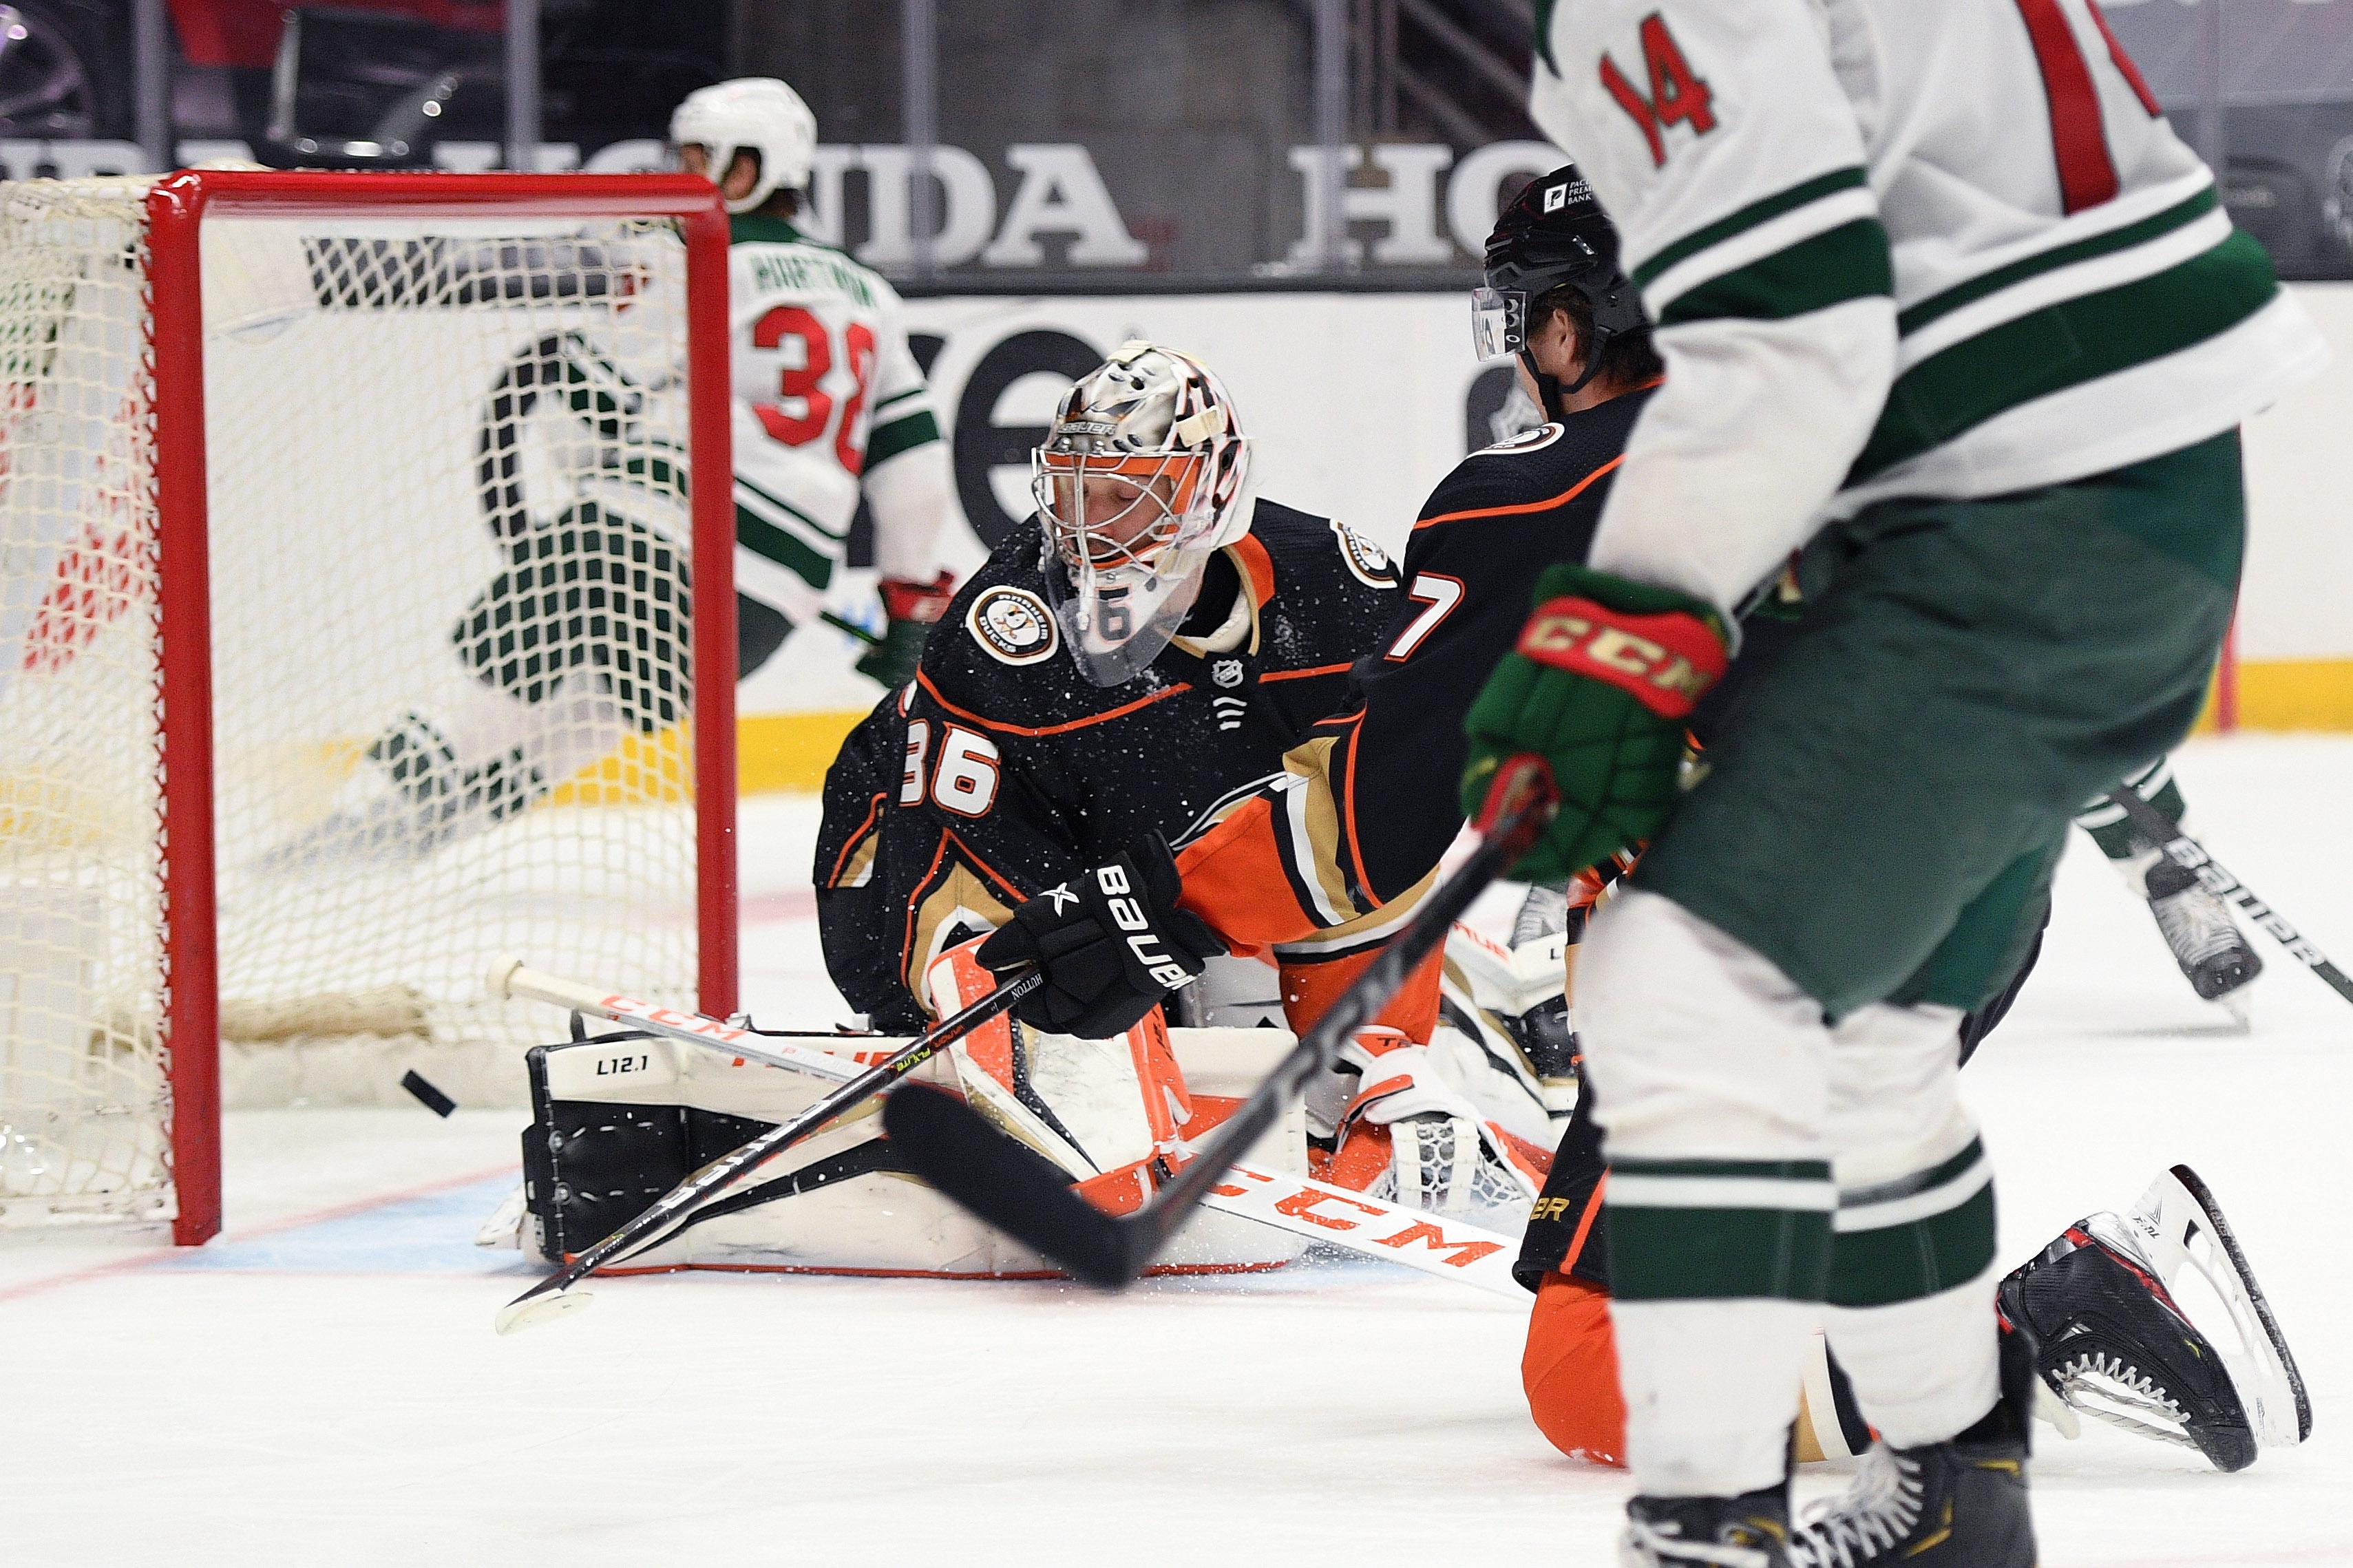 Game Preview: Minnesota Wild vs. Anaheim Ducks 10/15/21 @ 9:00PM CST at Honda Center